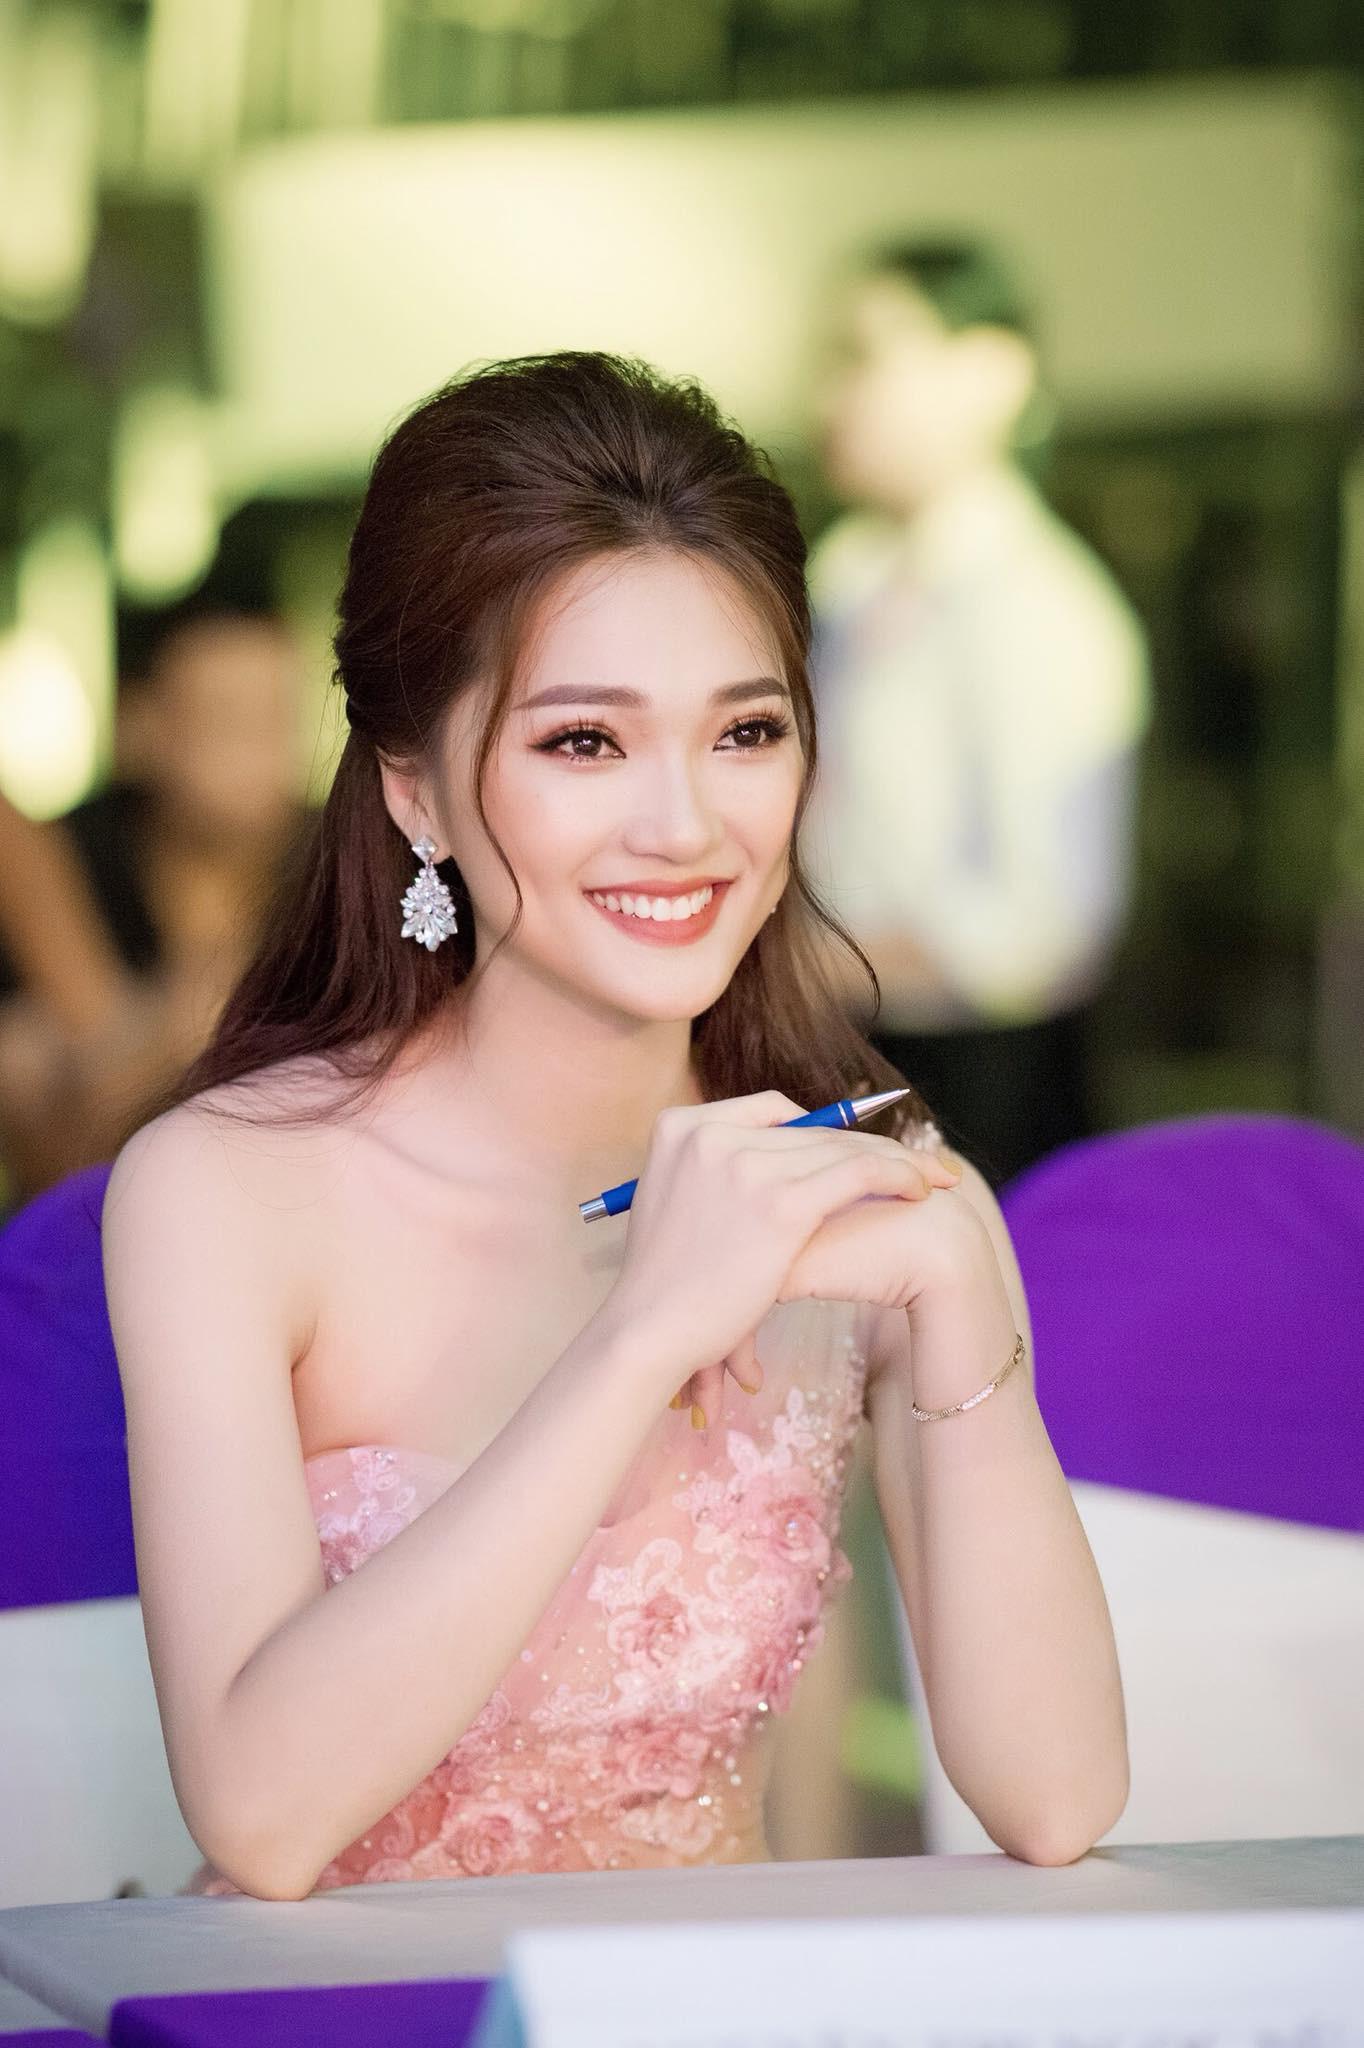 Gương mặt đẹp nhất Hoa hậu Hoàn vũ bất ngờ tuyên bố dừng cuộc chơi tại Hoa hậu Việt Nam 2018 - Ảnh 3.